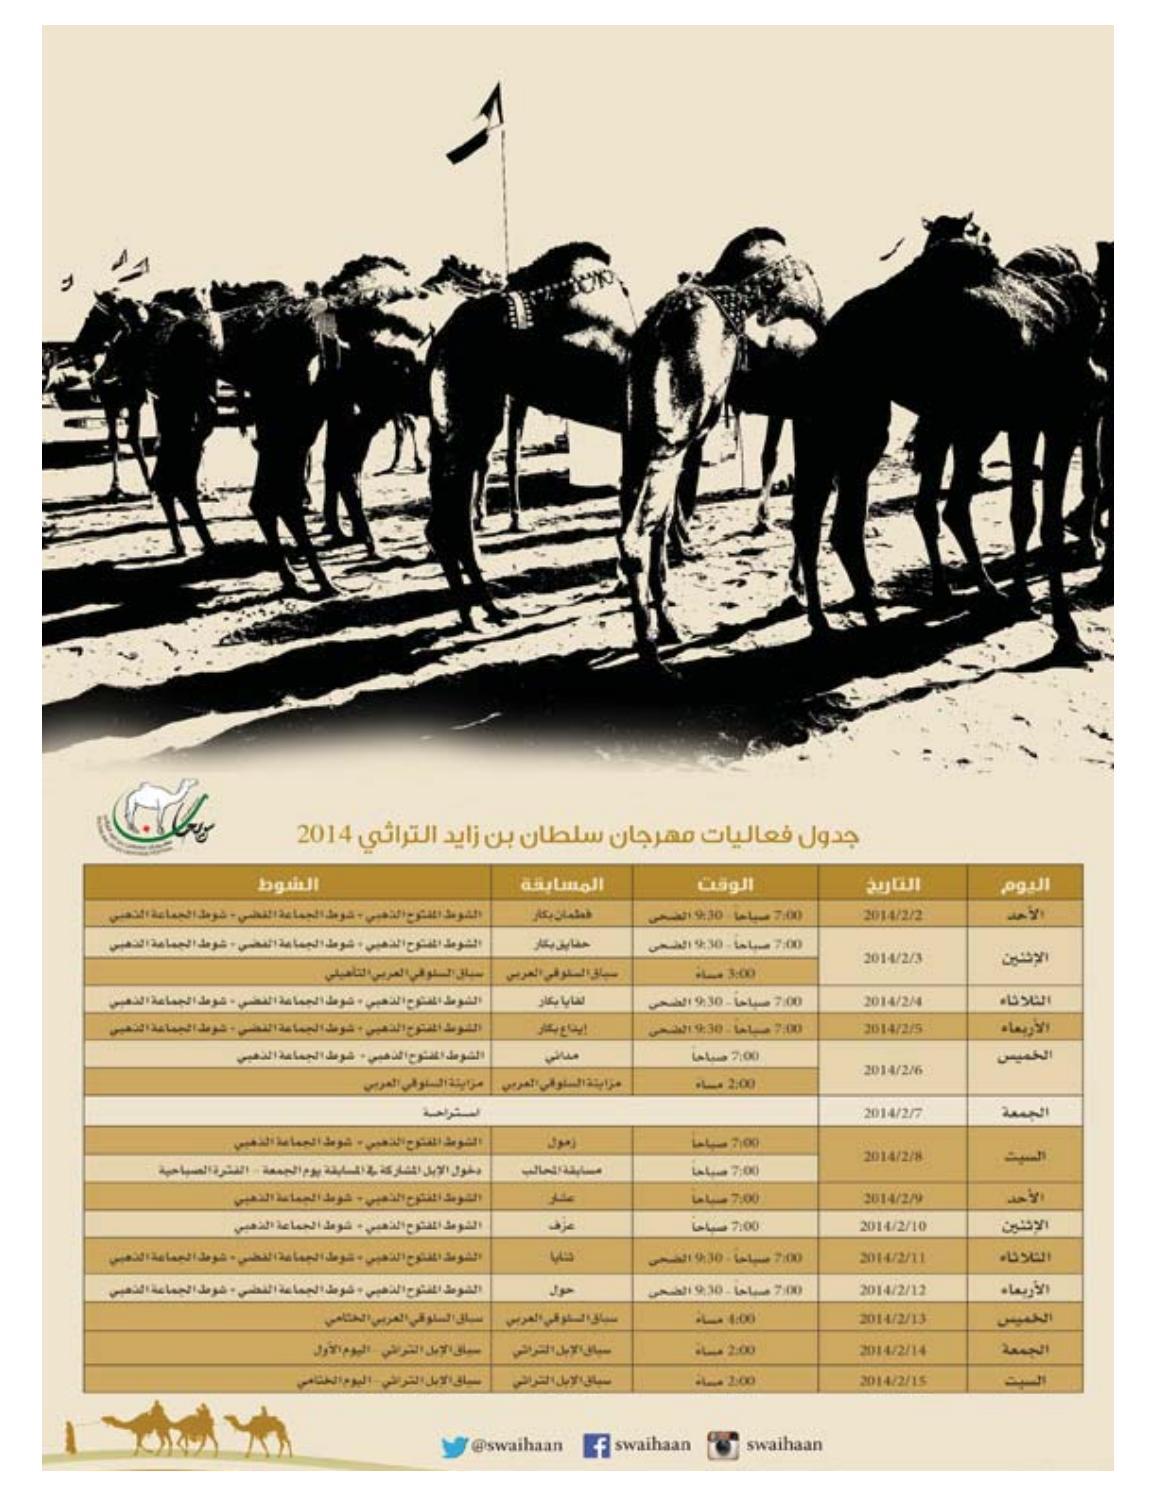 كتاب علم إشارات الكنوز والدفائن الأثرية